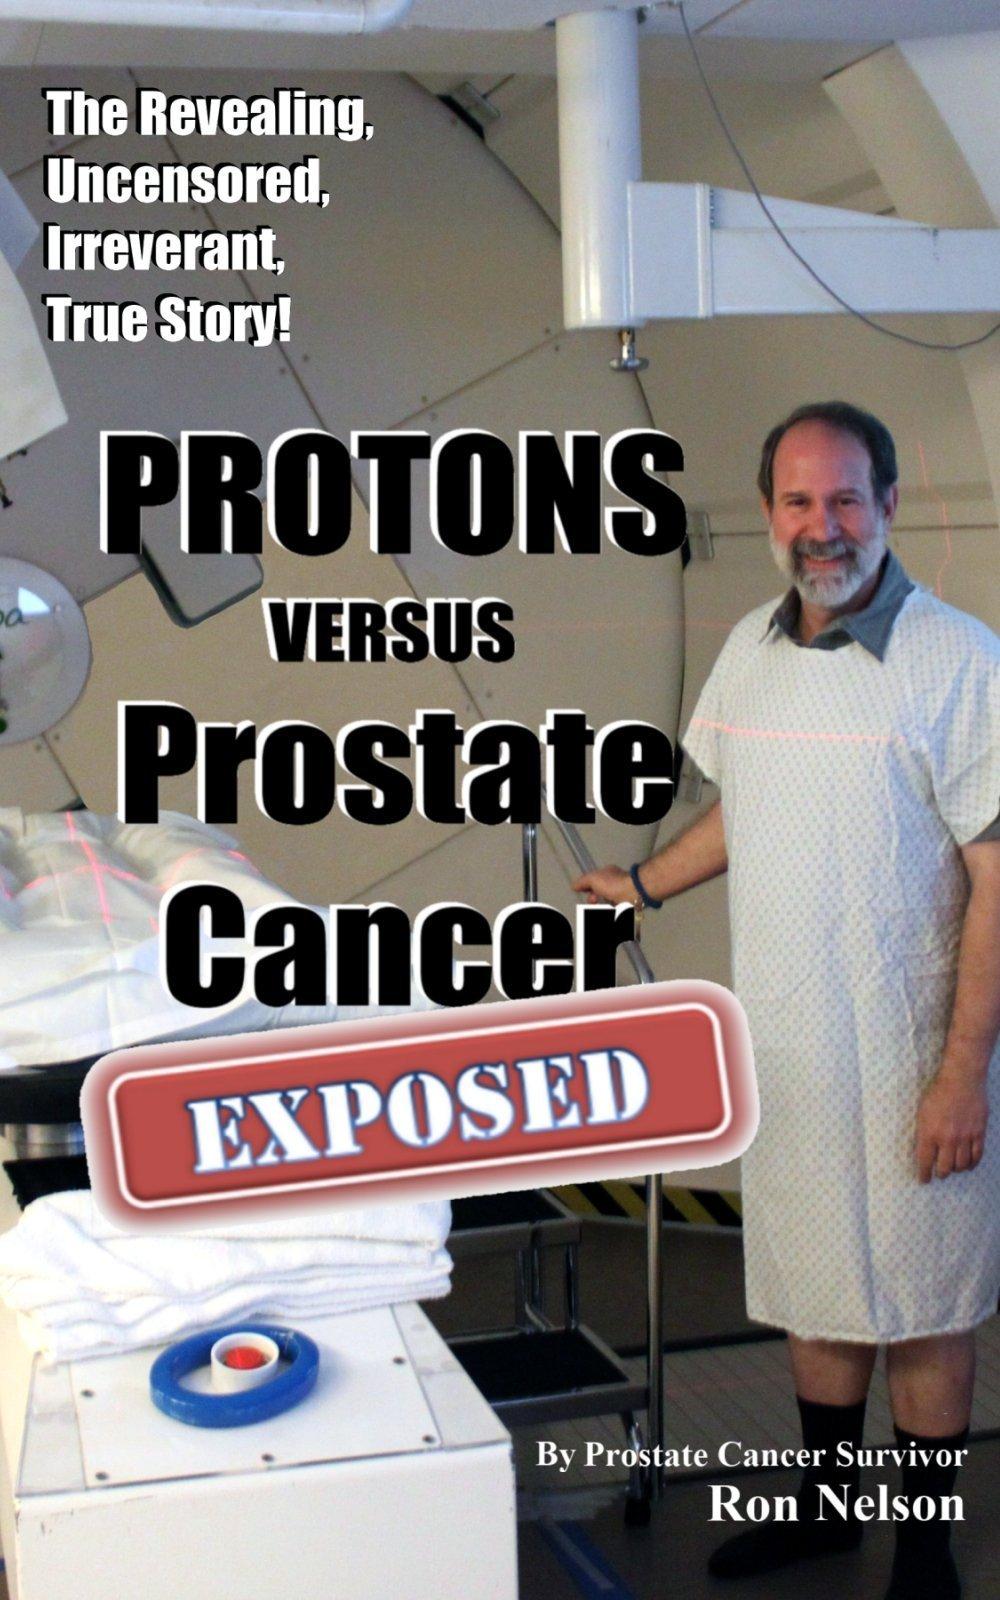 The Proton Book